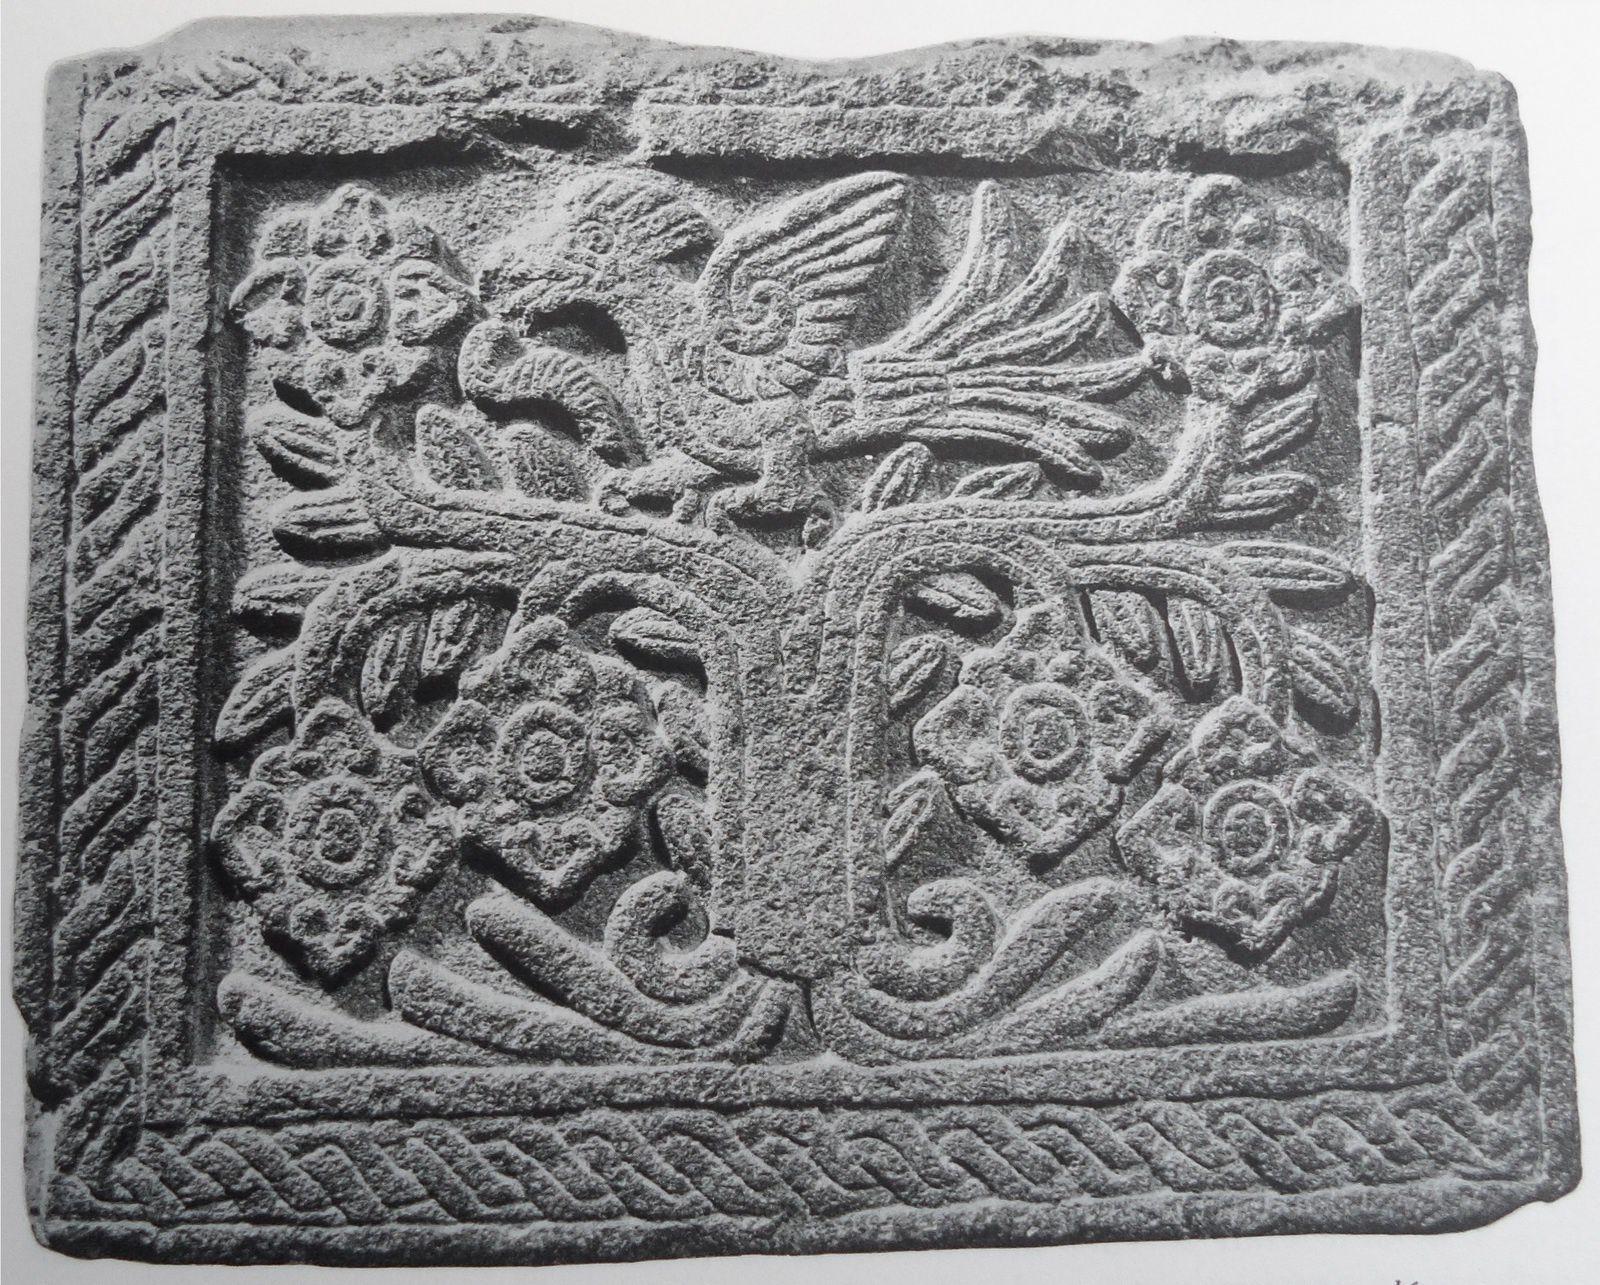 """Bas-relief aztèque. L'arbre fleuri avec des oiseaux, symbole de la poésie ( exprimé en nahuatl par le binôme """"in xochitl in cuicatl, """" la fleur, le chant"""" ou """"le chant fleuri"""") chez les Aztèques. Illustration provenant de l'ouvrage de Jacques Soustelle: """"Album de la vie quotidienne des Aztèques"""" (Hachette, 1959). http://pocombelles.over-blog.com/2016/08/pour-un-tout-petit-temps-seulement-nous-sommes-pretes-l-un-a-l-autre.html"""